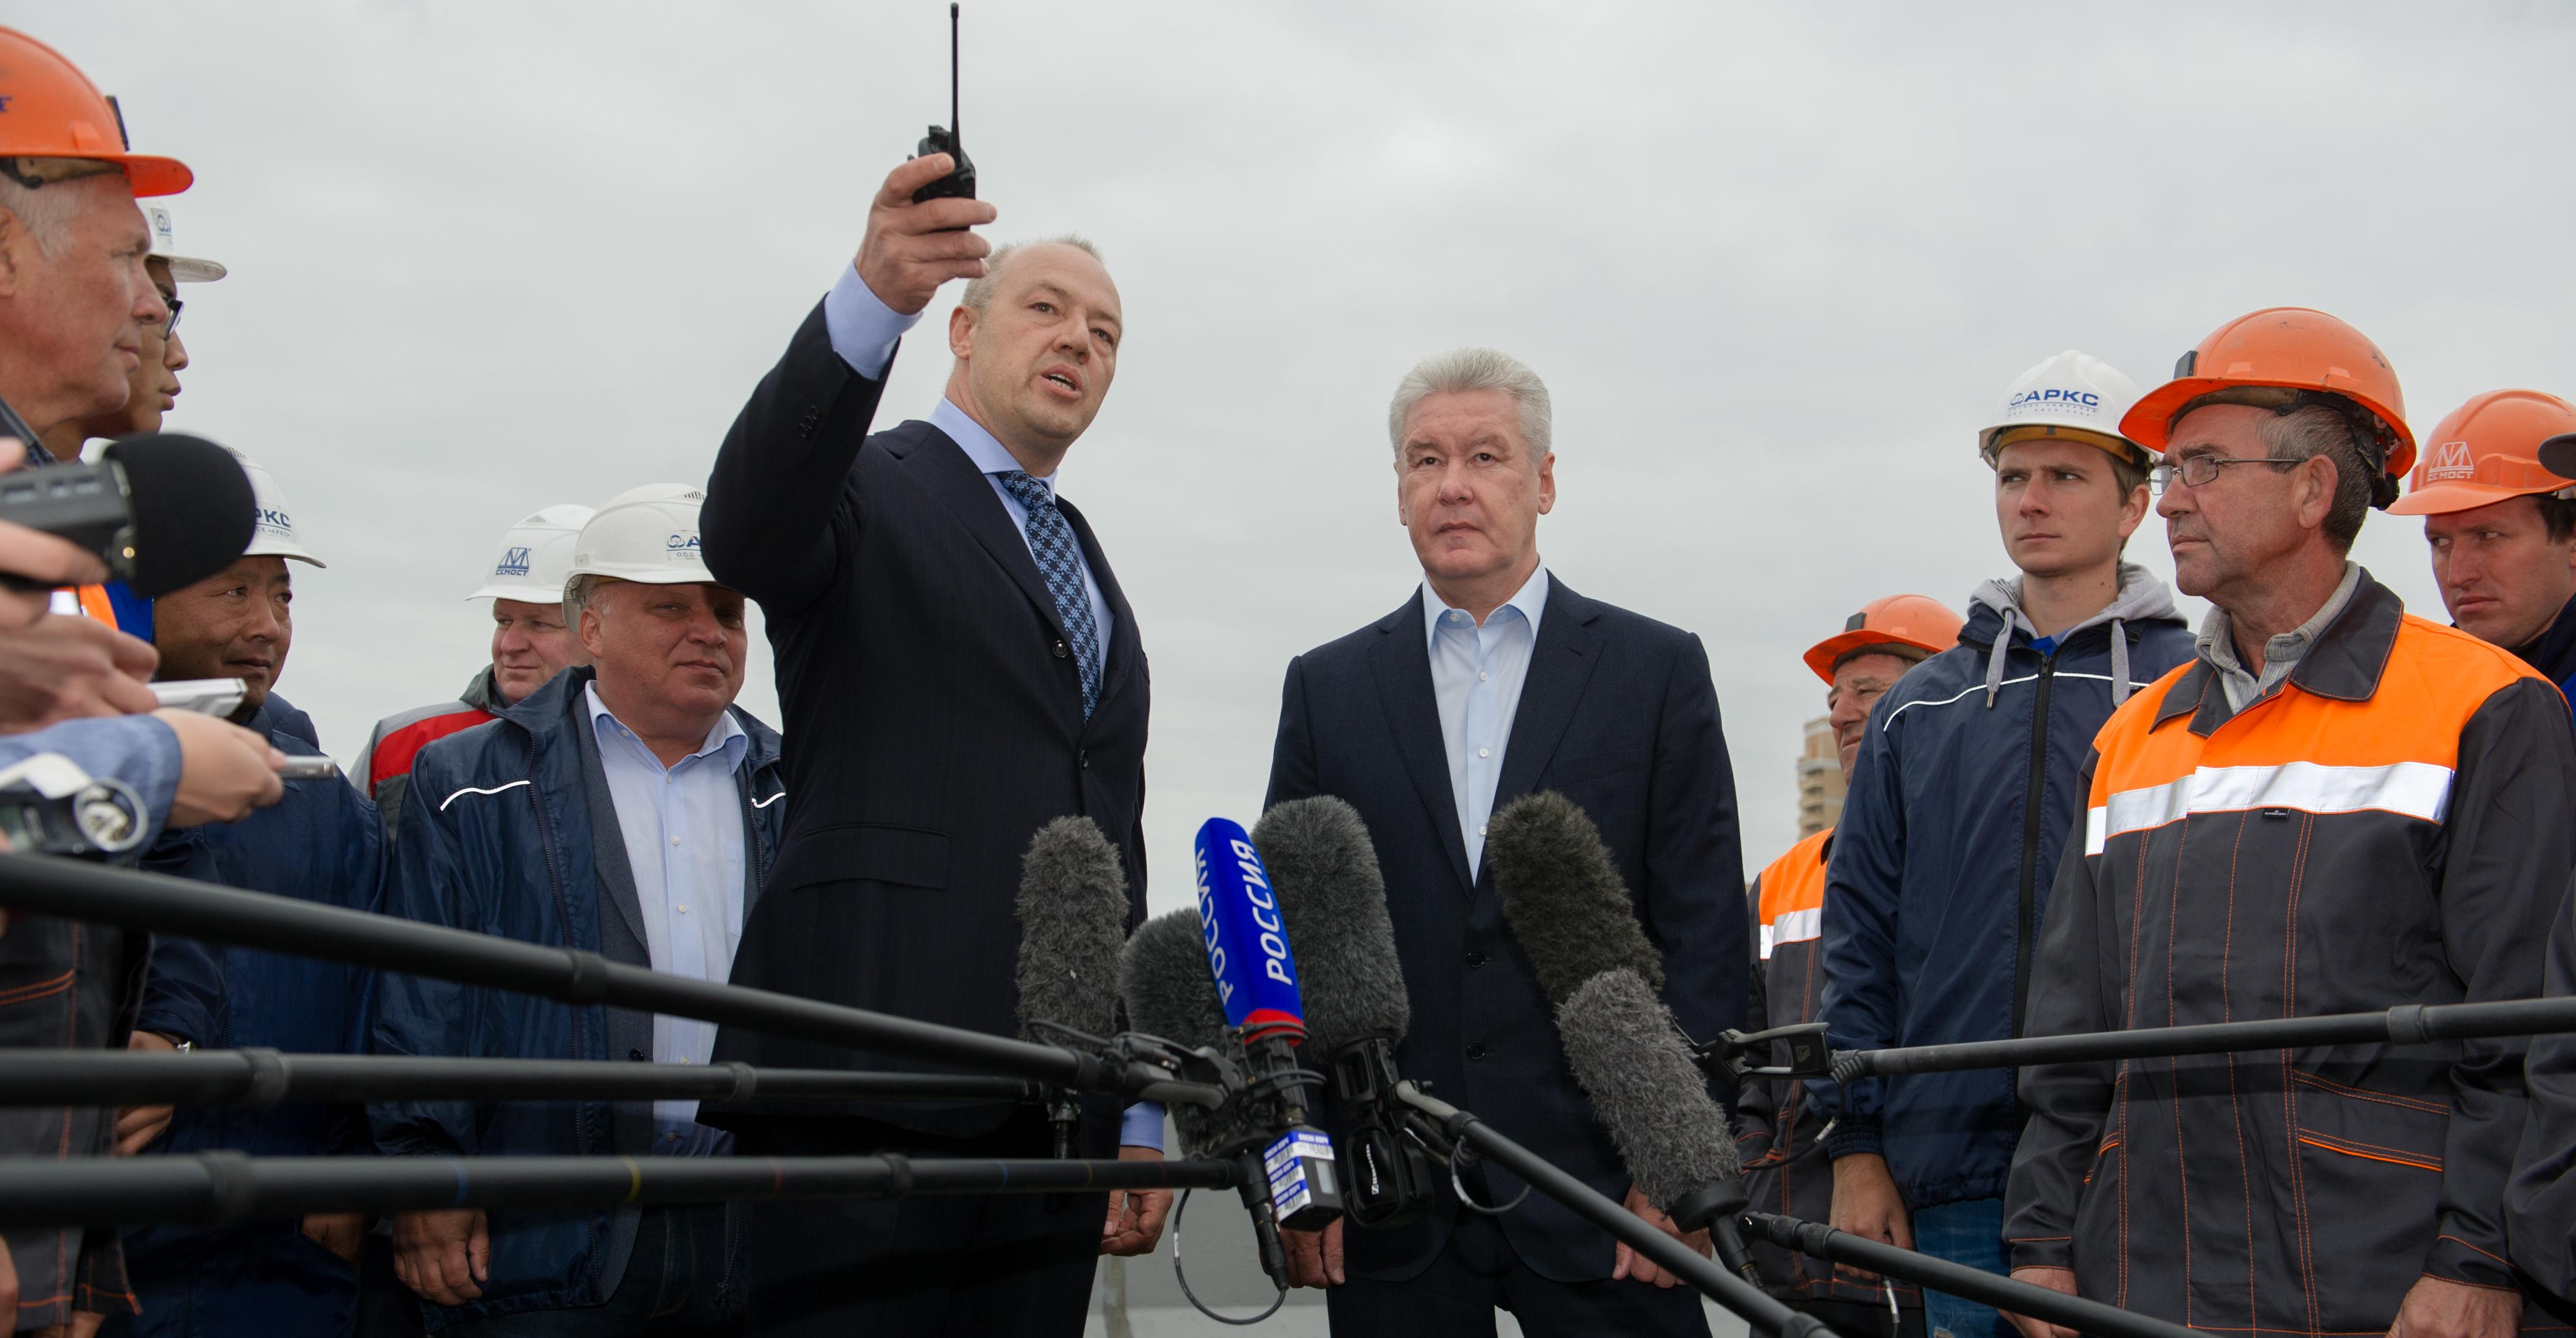 Сергей Собянин на открытии эстакады на транспортной развязке Дмитровского шоссе и МКАД